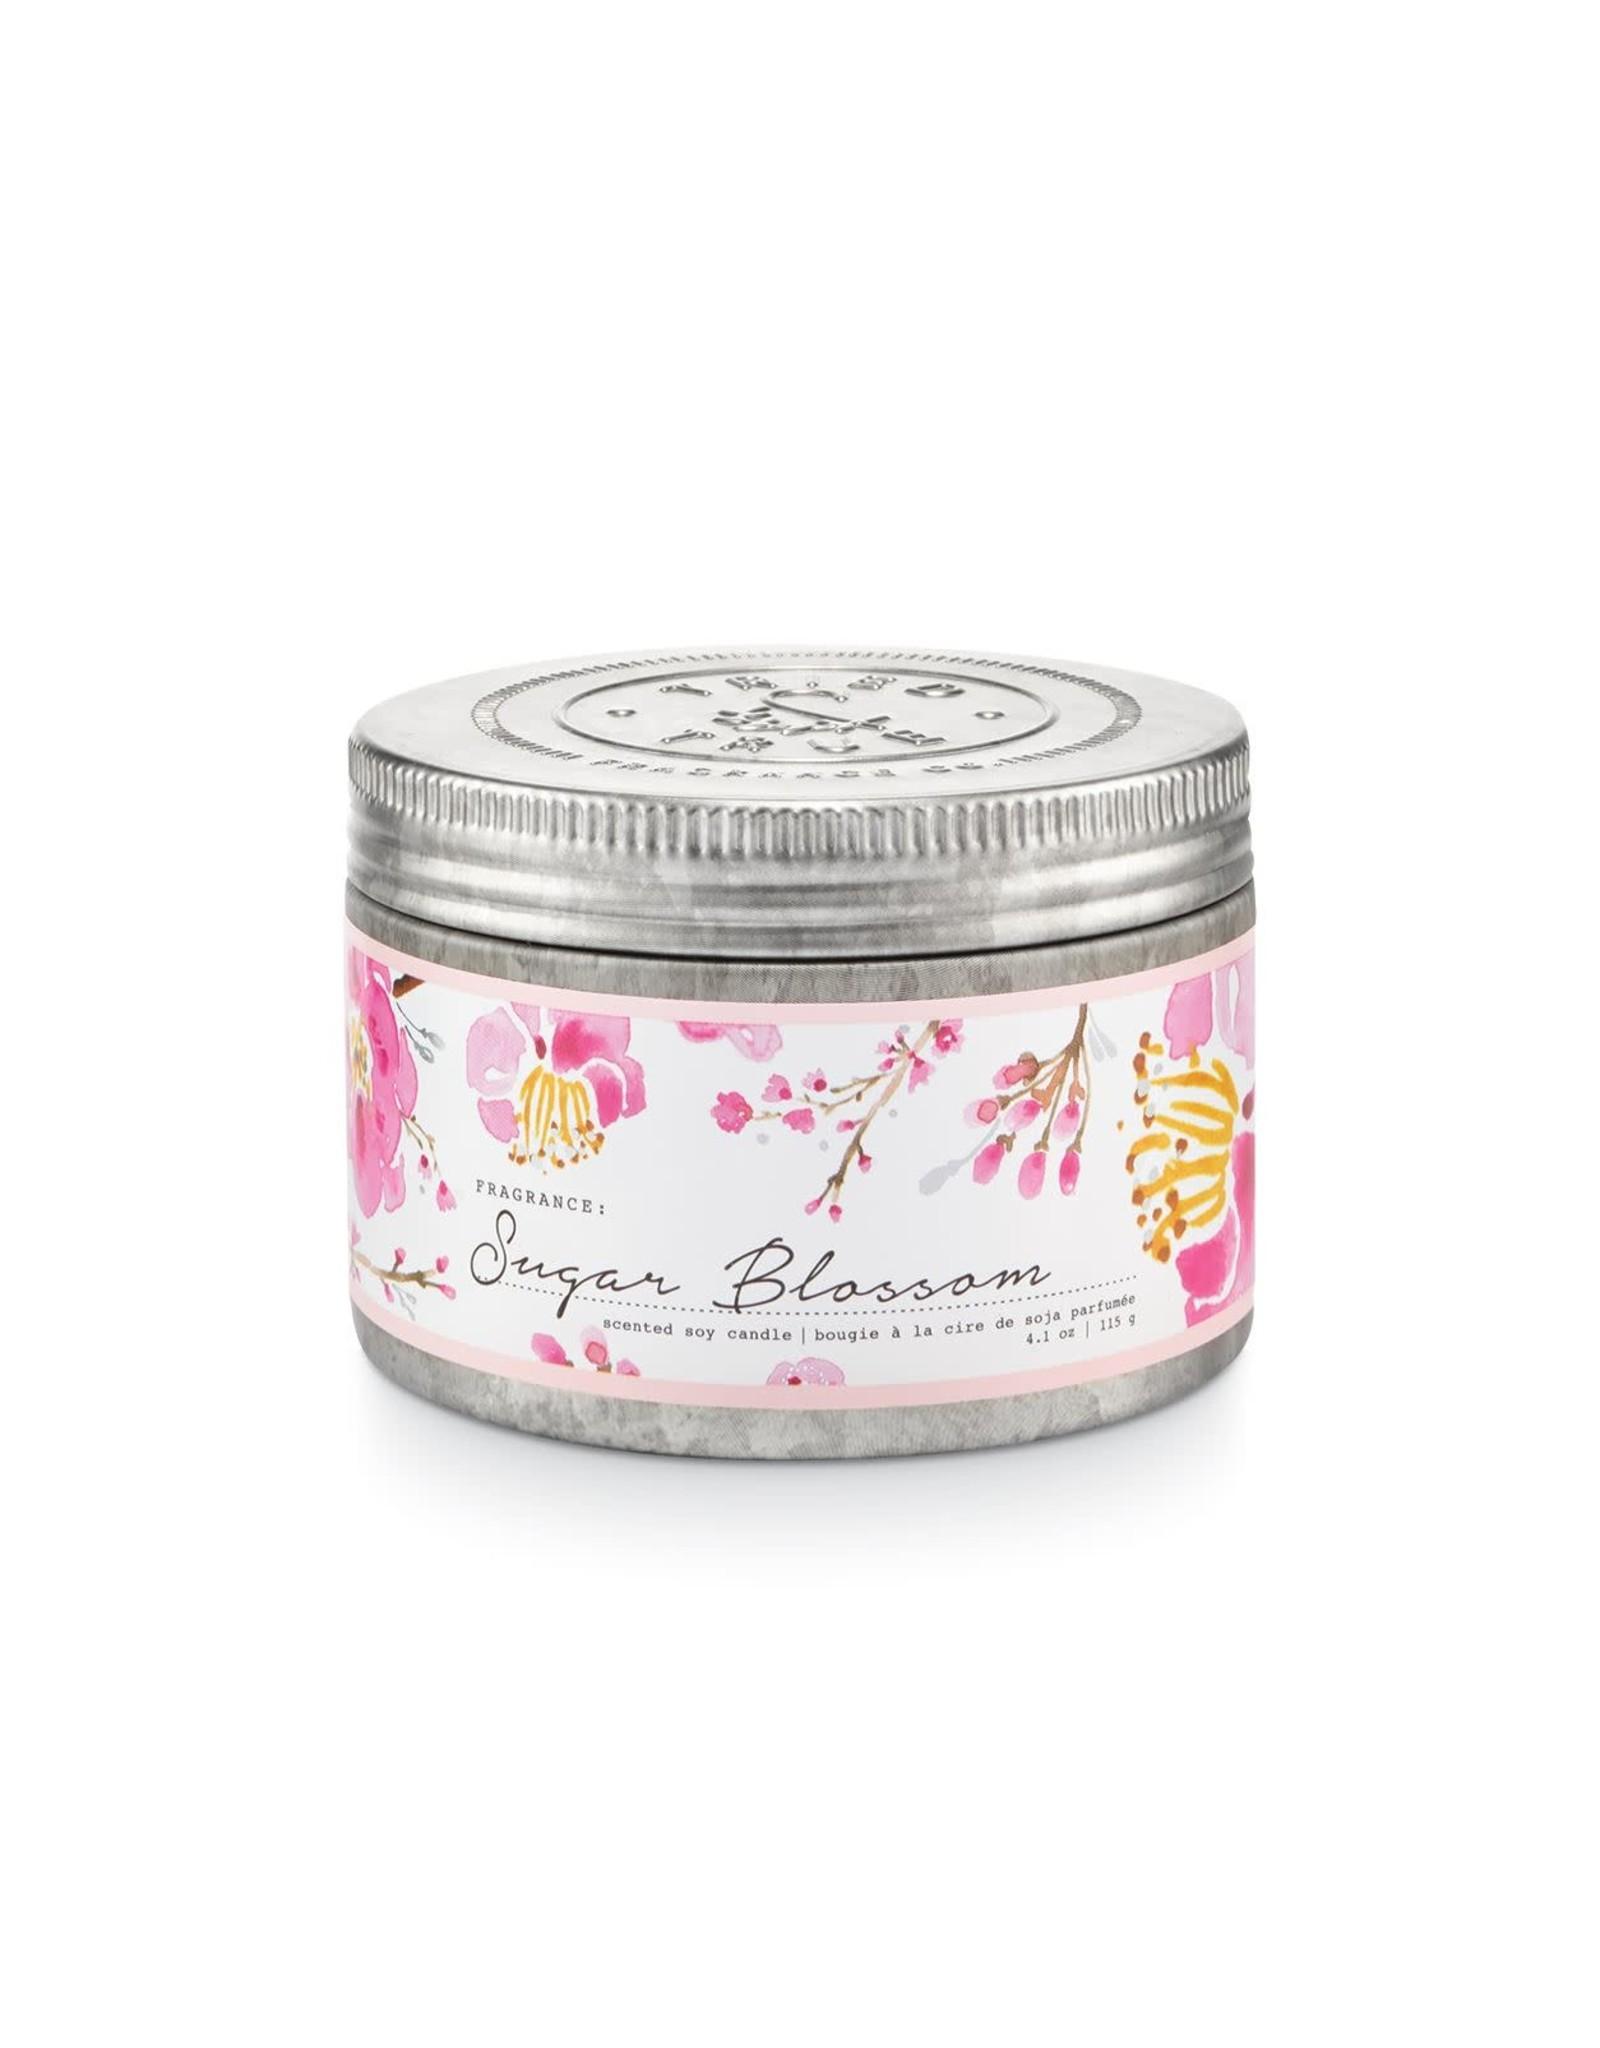 Tried & True 4.1 oz Tin Candle - Sugar Blossom